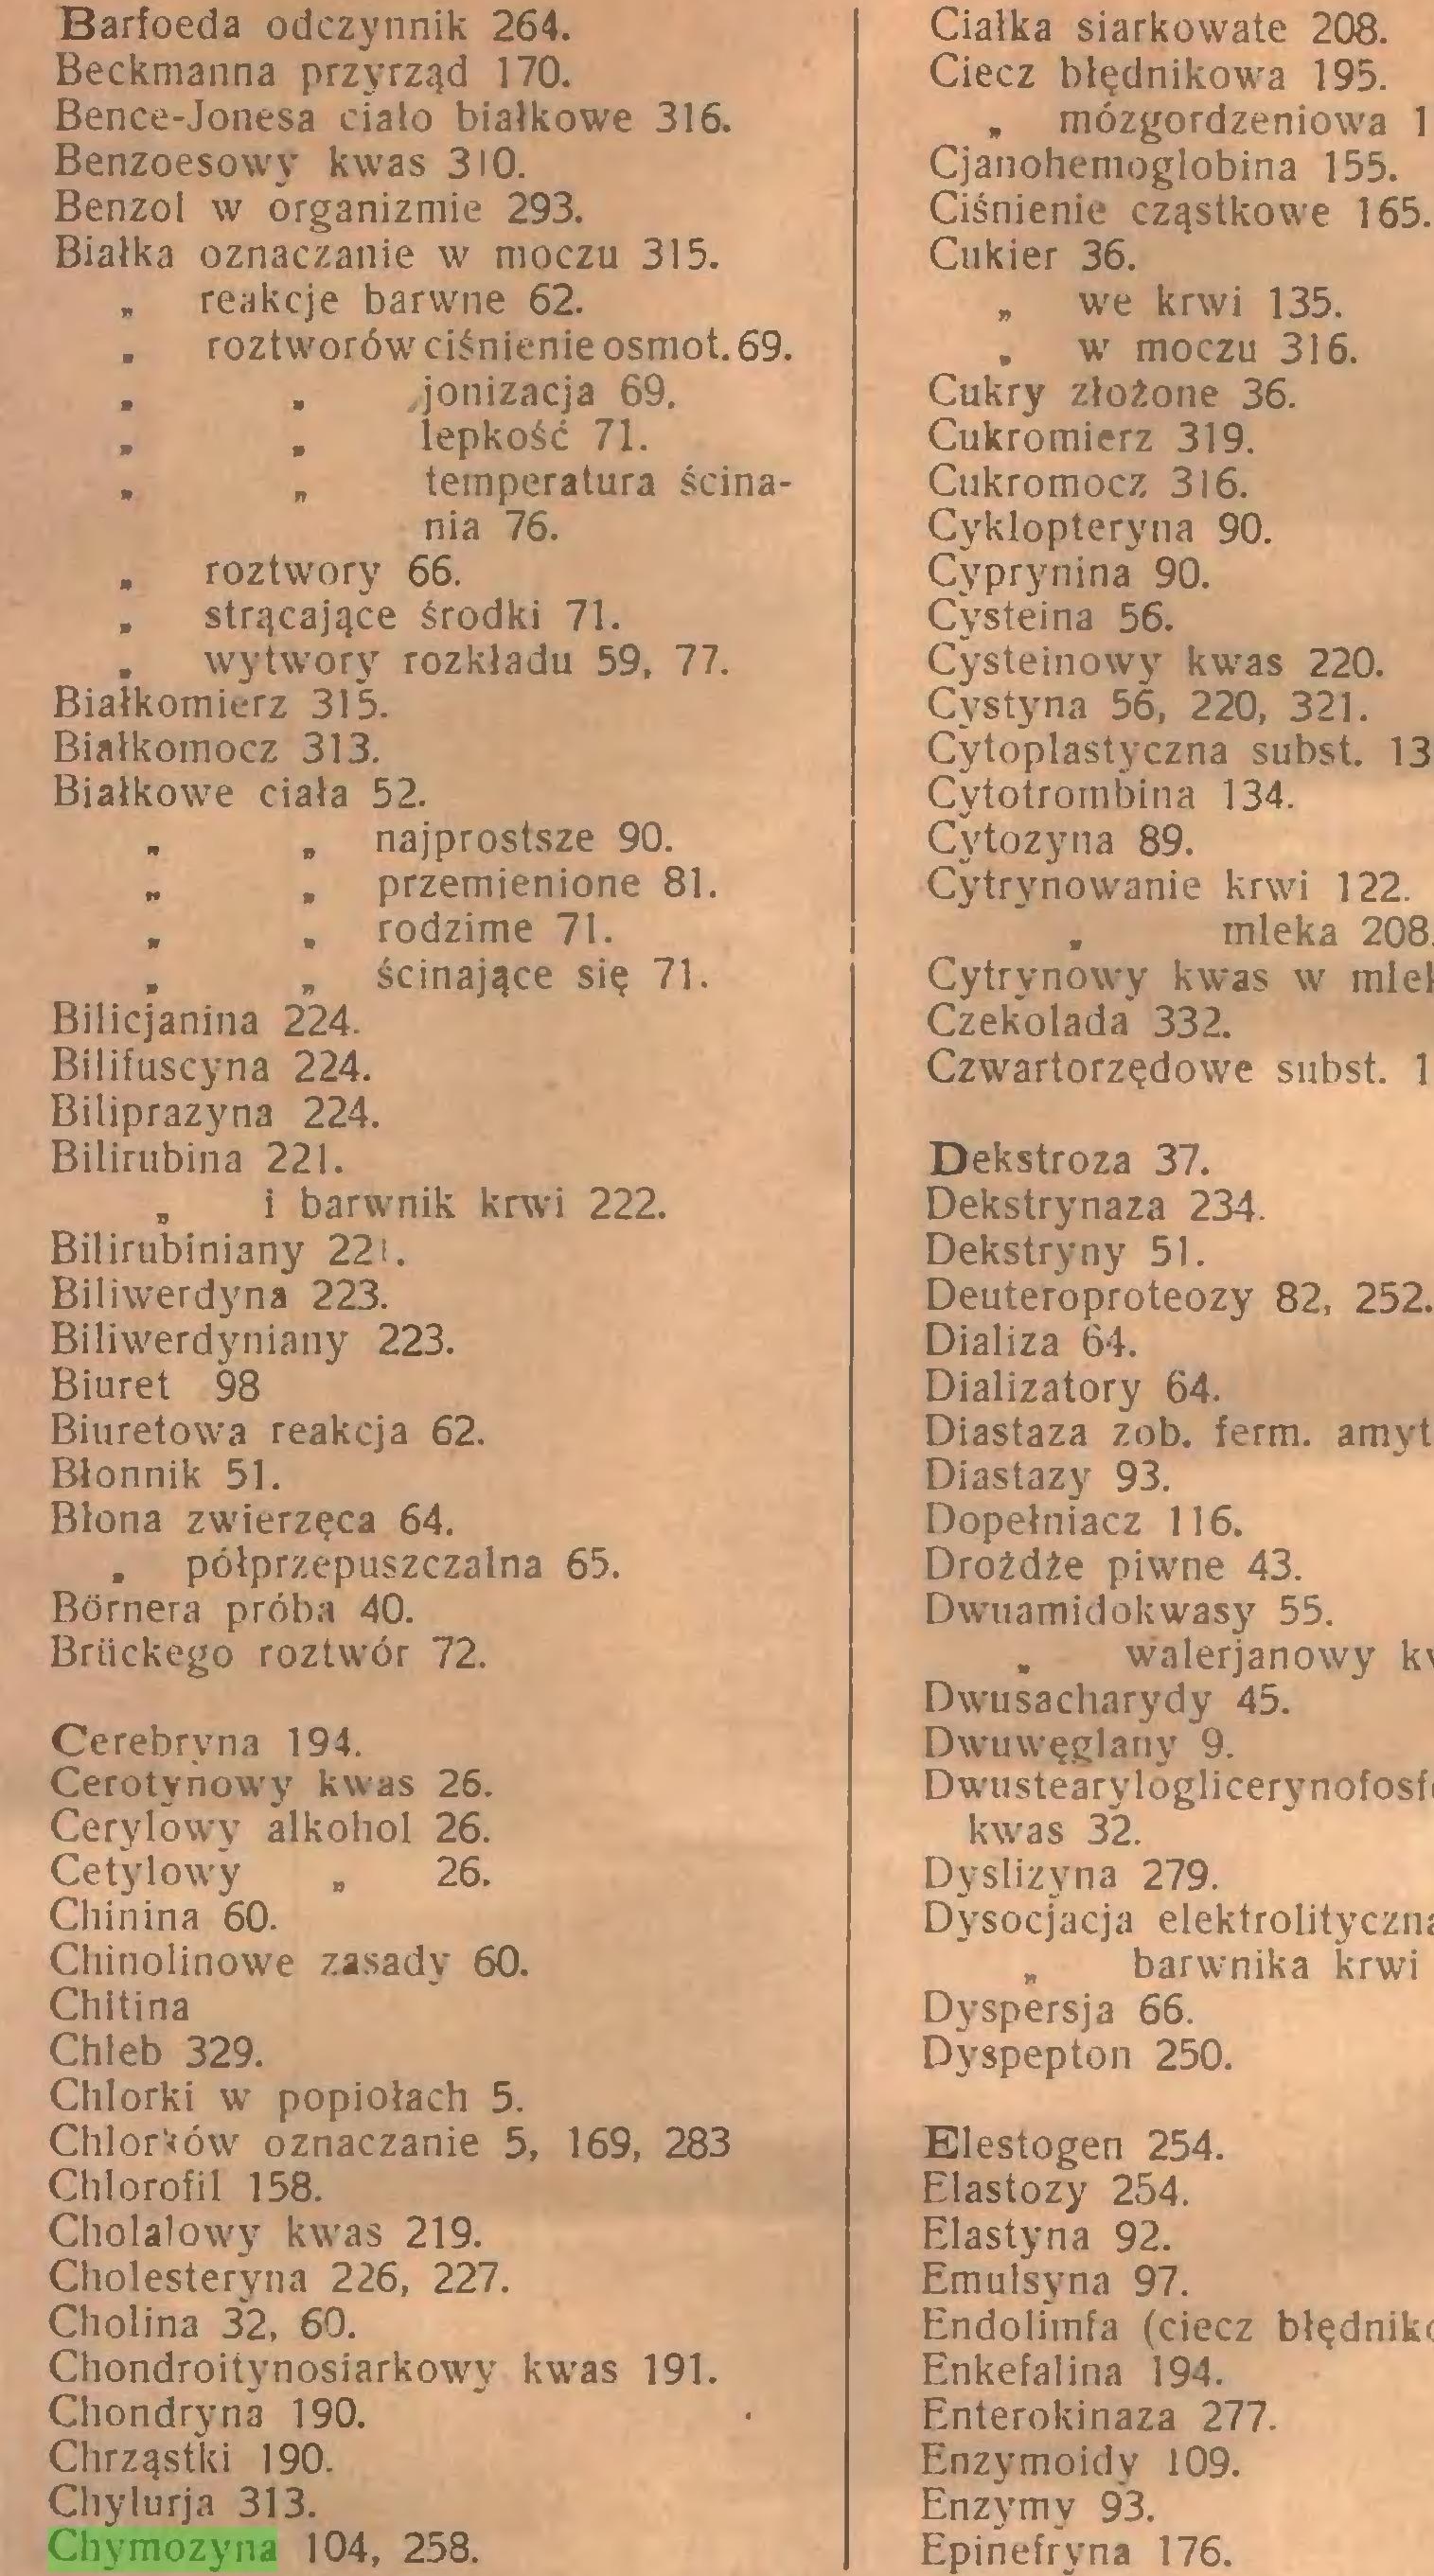 (...) Chymozyna 104, 258. Ciałka siarkowate 208...